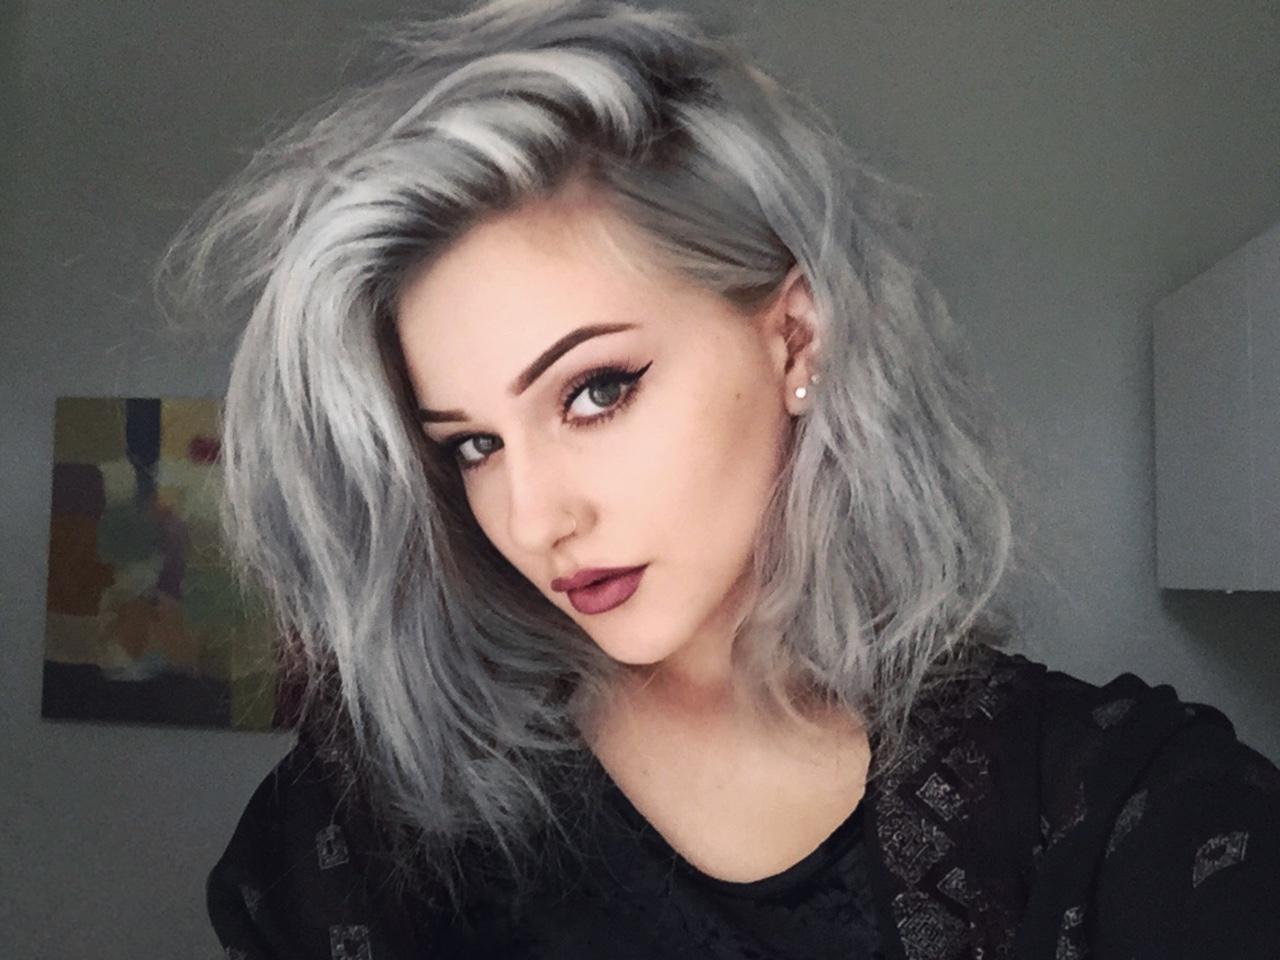 chica_pelo_gris (3)